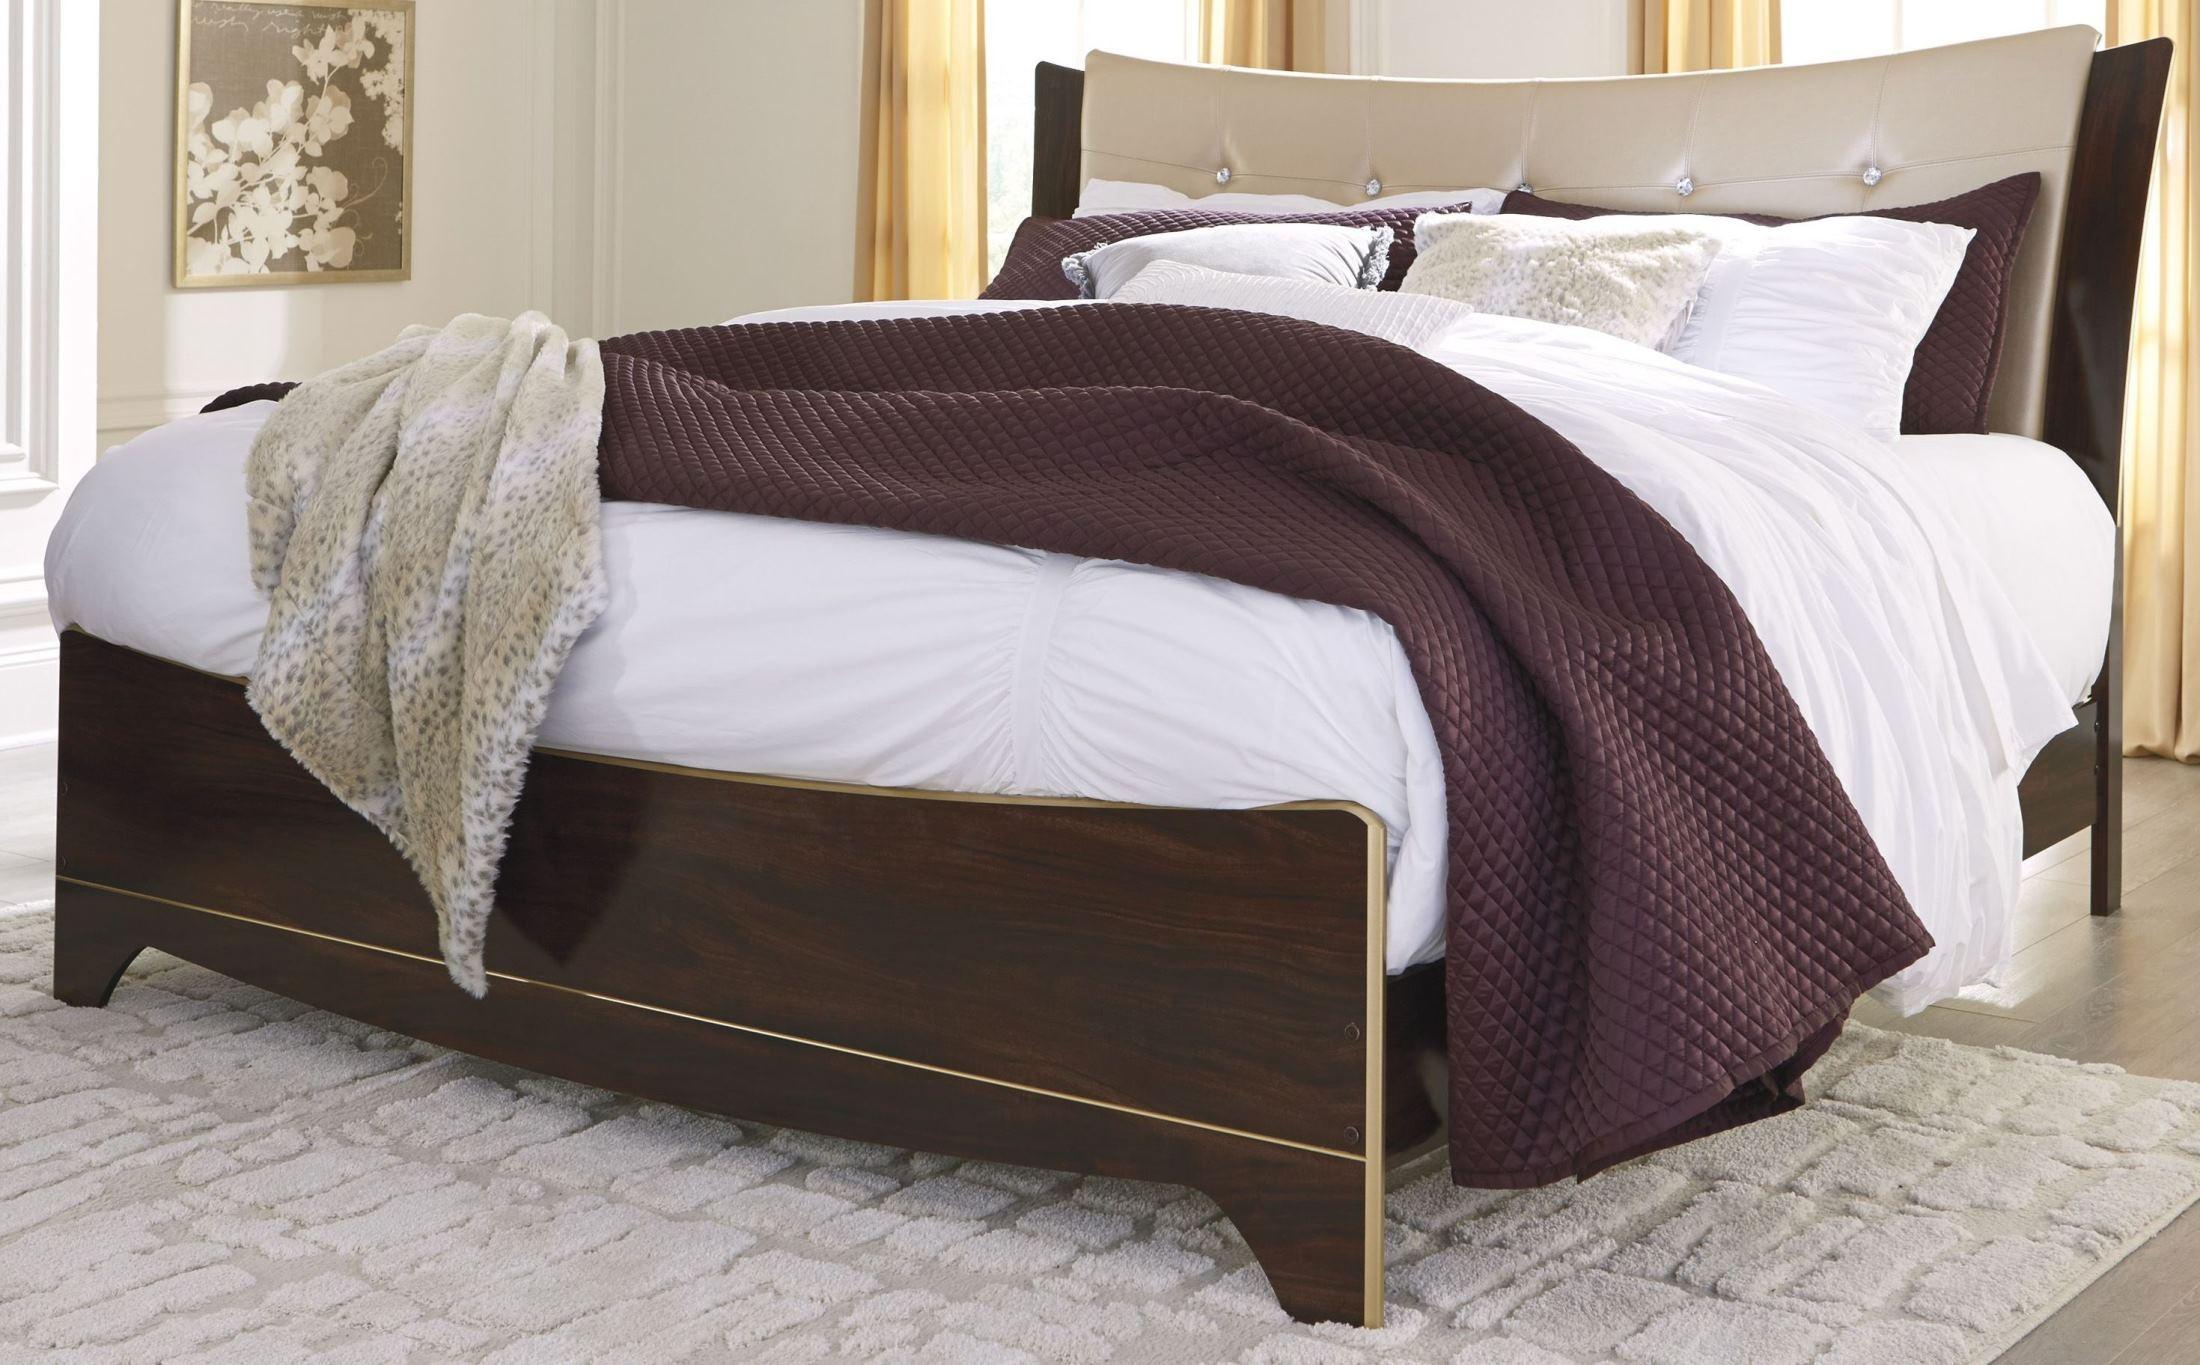 Lenmara Reddish Brown King Upholstered Panel Bed B247 56